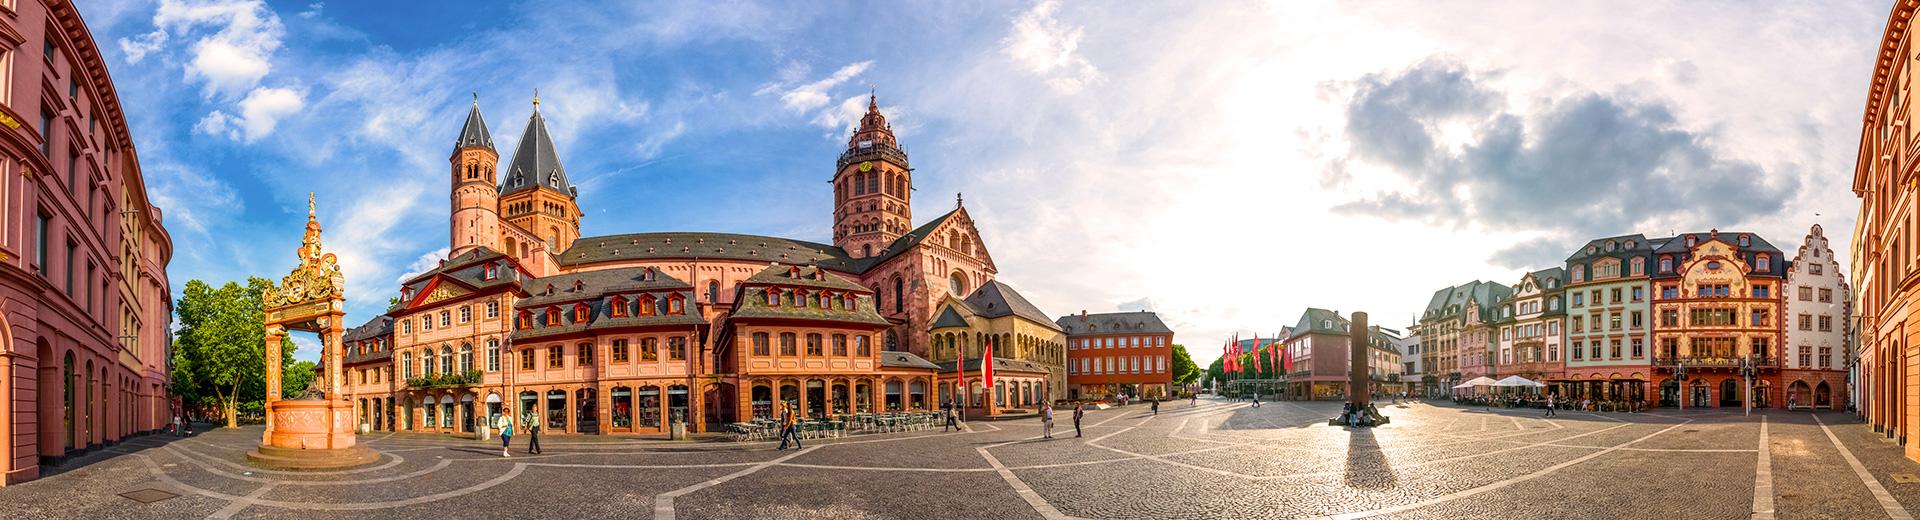 Städtereise Mainz